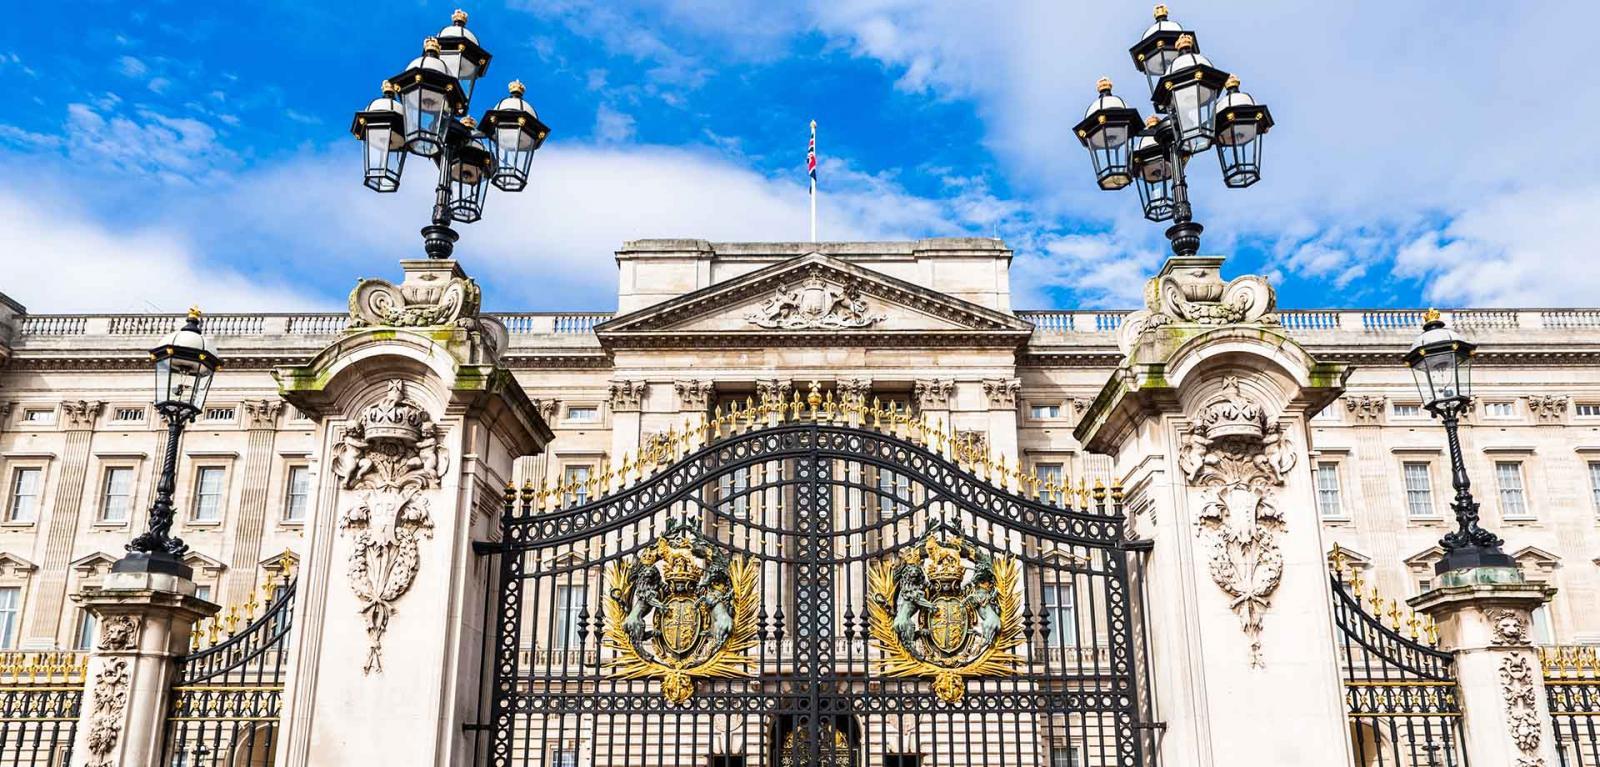 Buckingham Palace Bilder Zum Ausdrucken